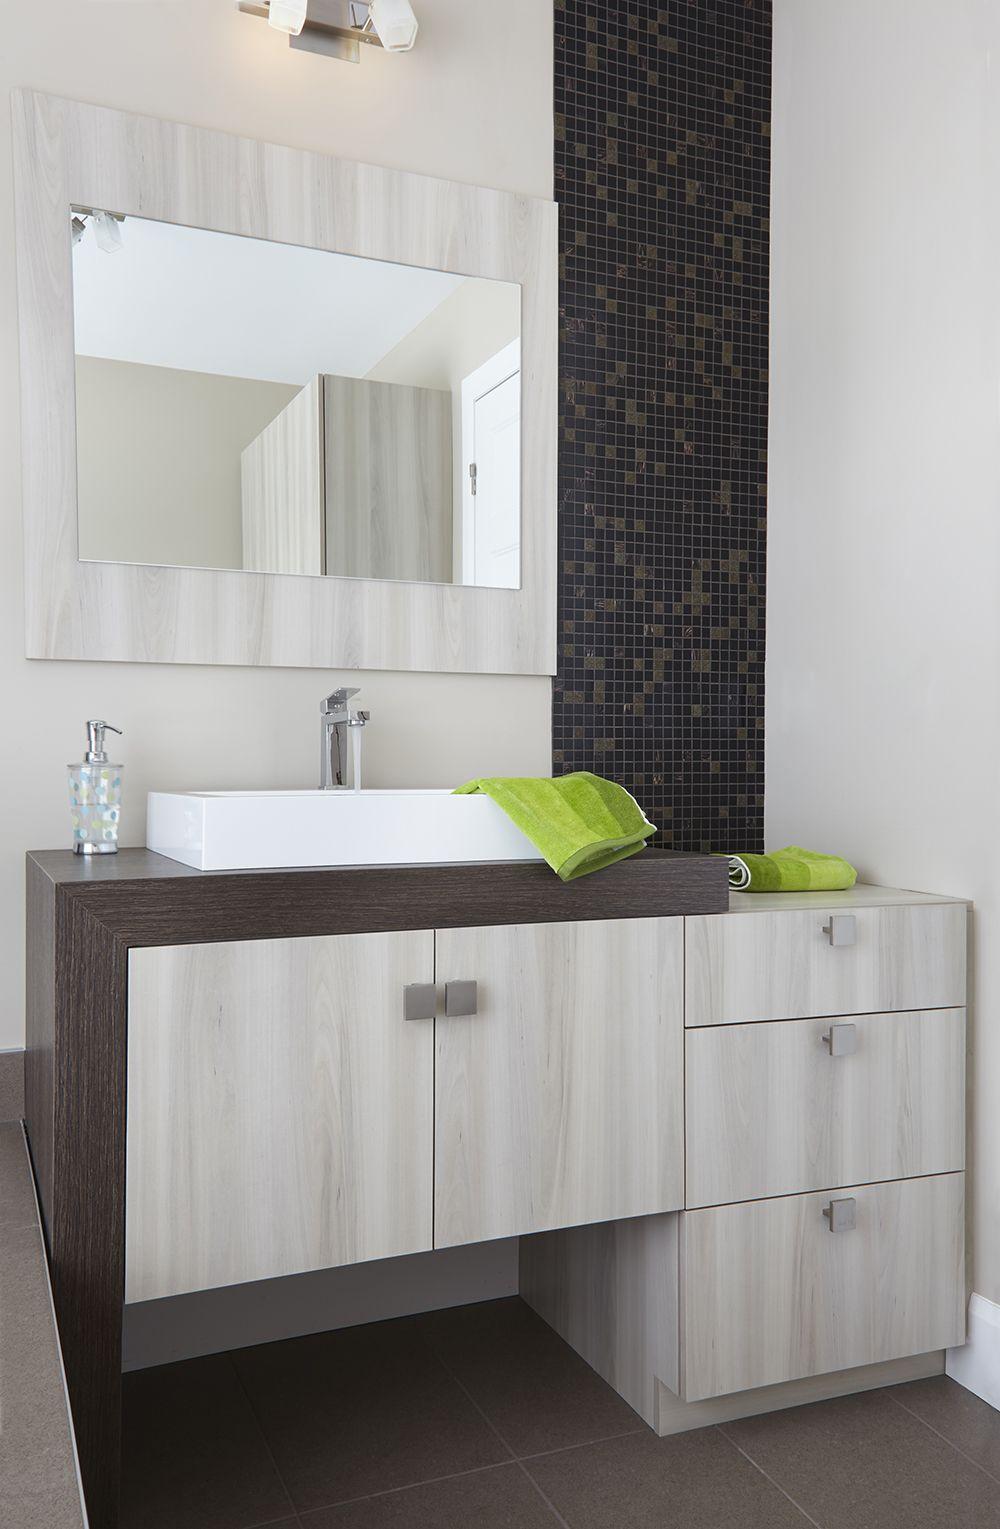 armoires de salle de bains moderne vanite en melamine de couleur poire de la cote